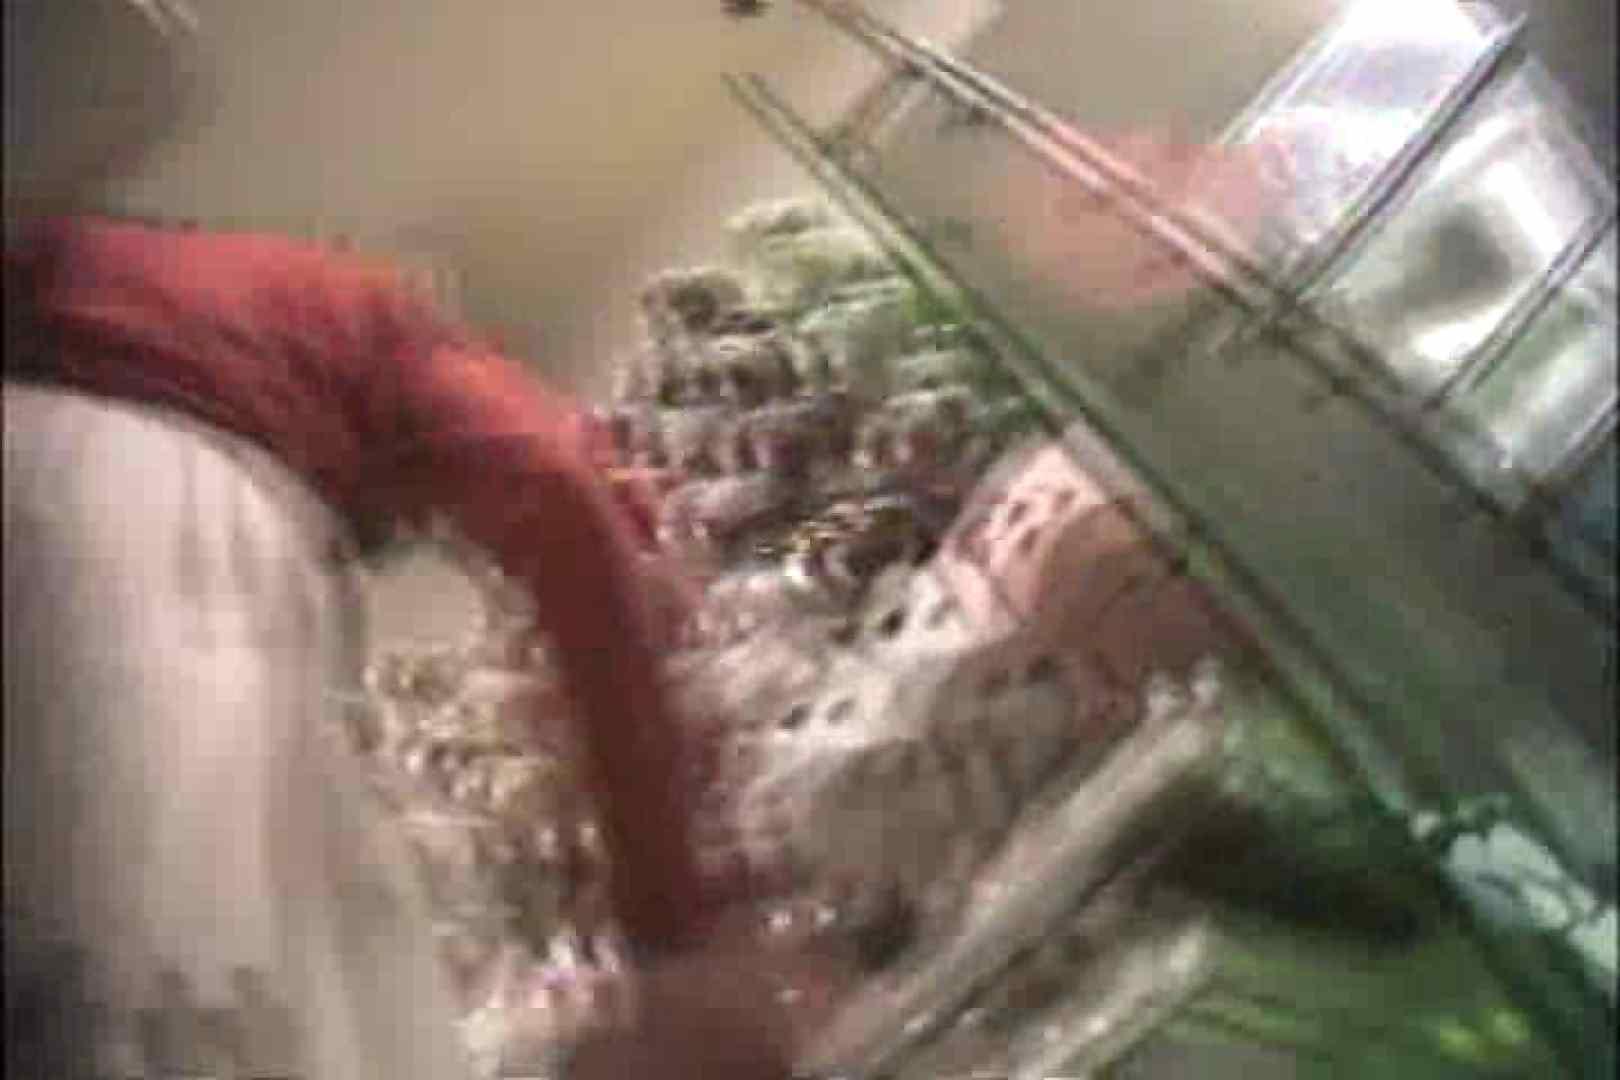 カメラぶっこみ!パンチラ奪取!!Vol.6 美しいOLの裸体 おまんこ無修正動画無料 87pic 32